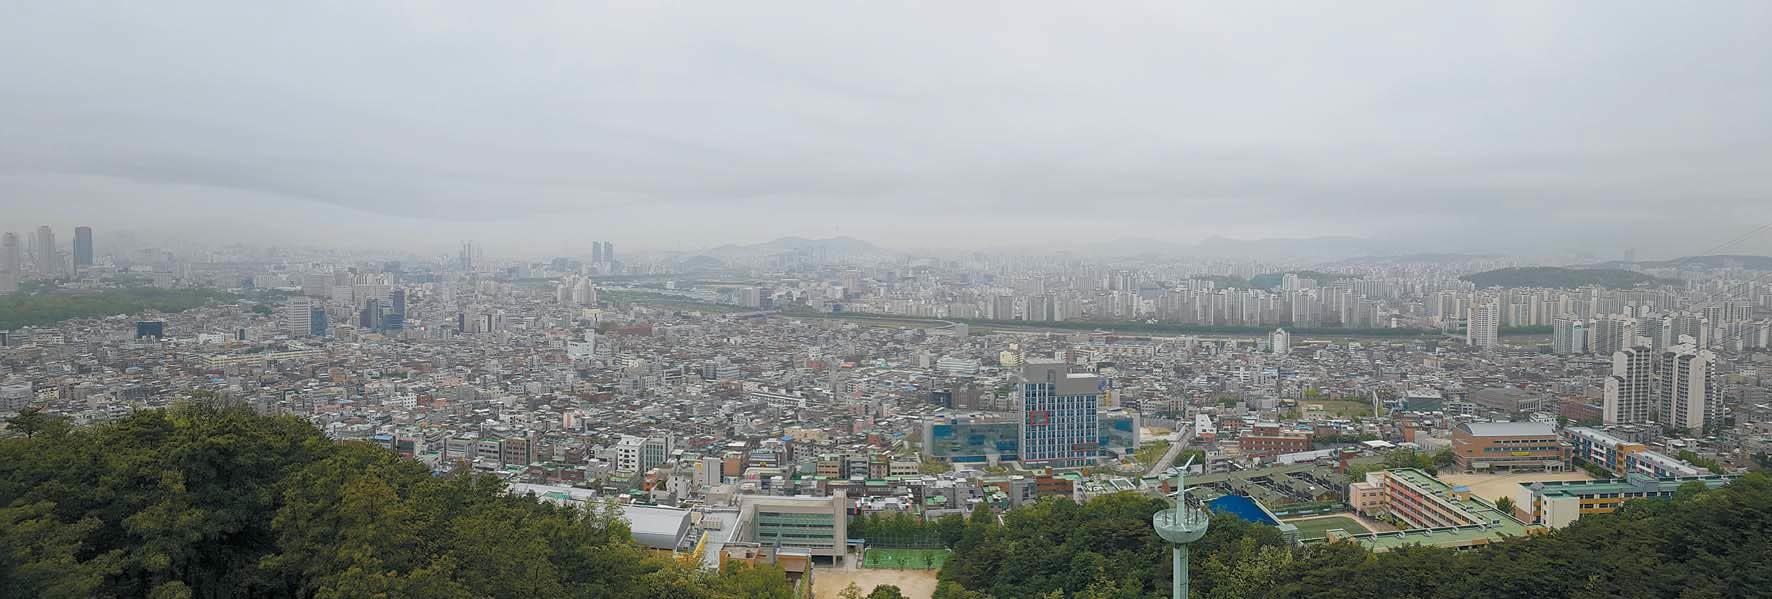 미세먼지 농도가 '매우 나쁨'일 때 면목동 용마산에서 바라본 서울. [사진 산림청]